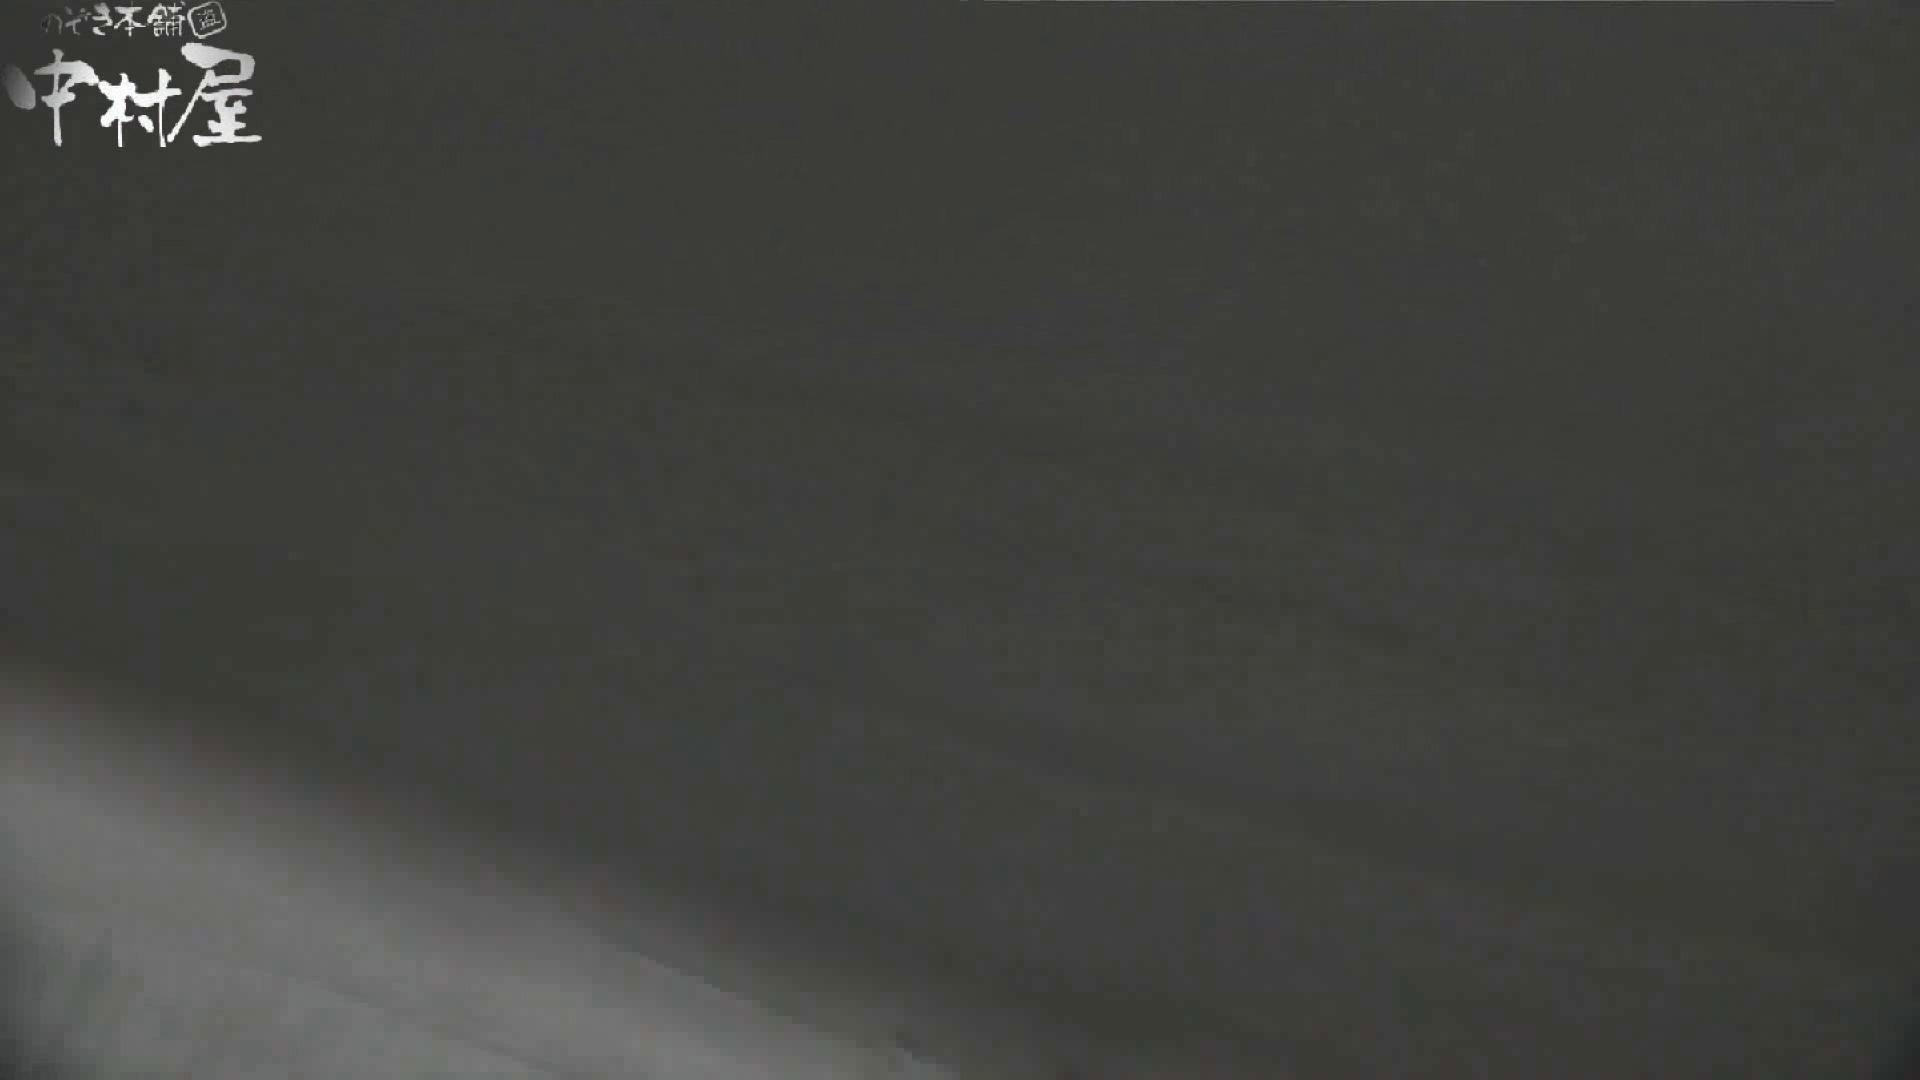 【お銀さんの「洗面所突入レポート!!」】お銀さんの「洗面所突入レポート!!」 vol.29 ∑(゚Д゚)アッ! 洗面所 | HなOL  100pic 92